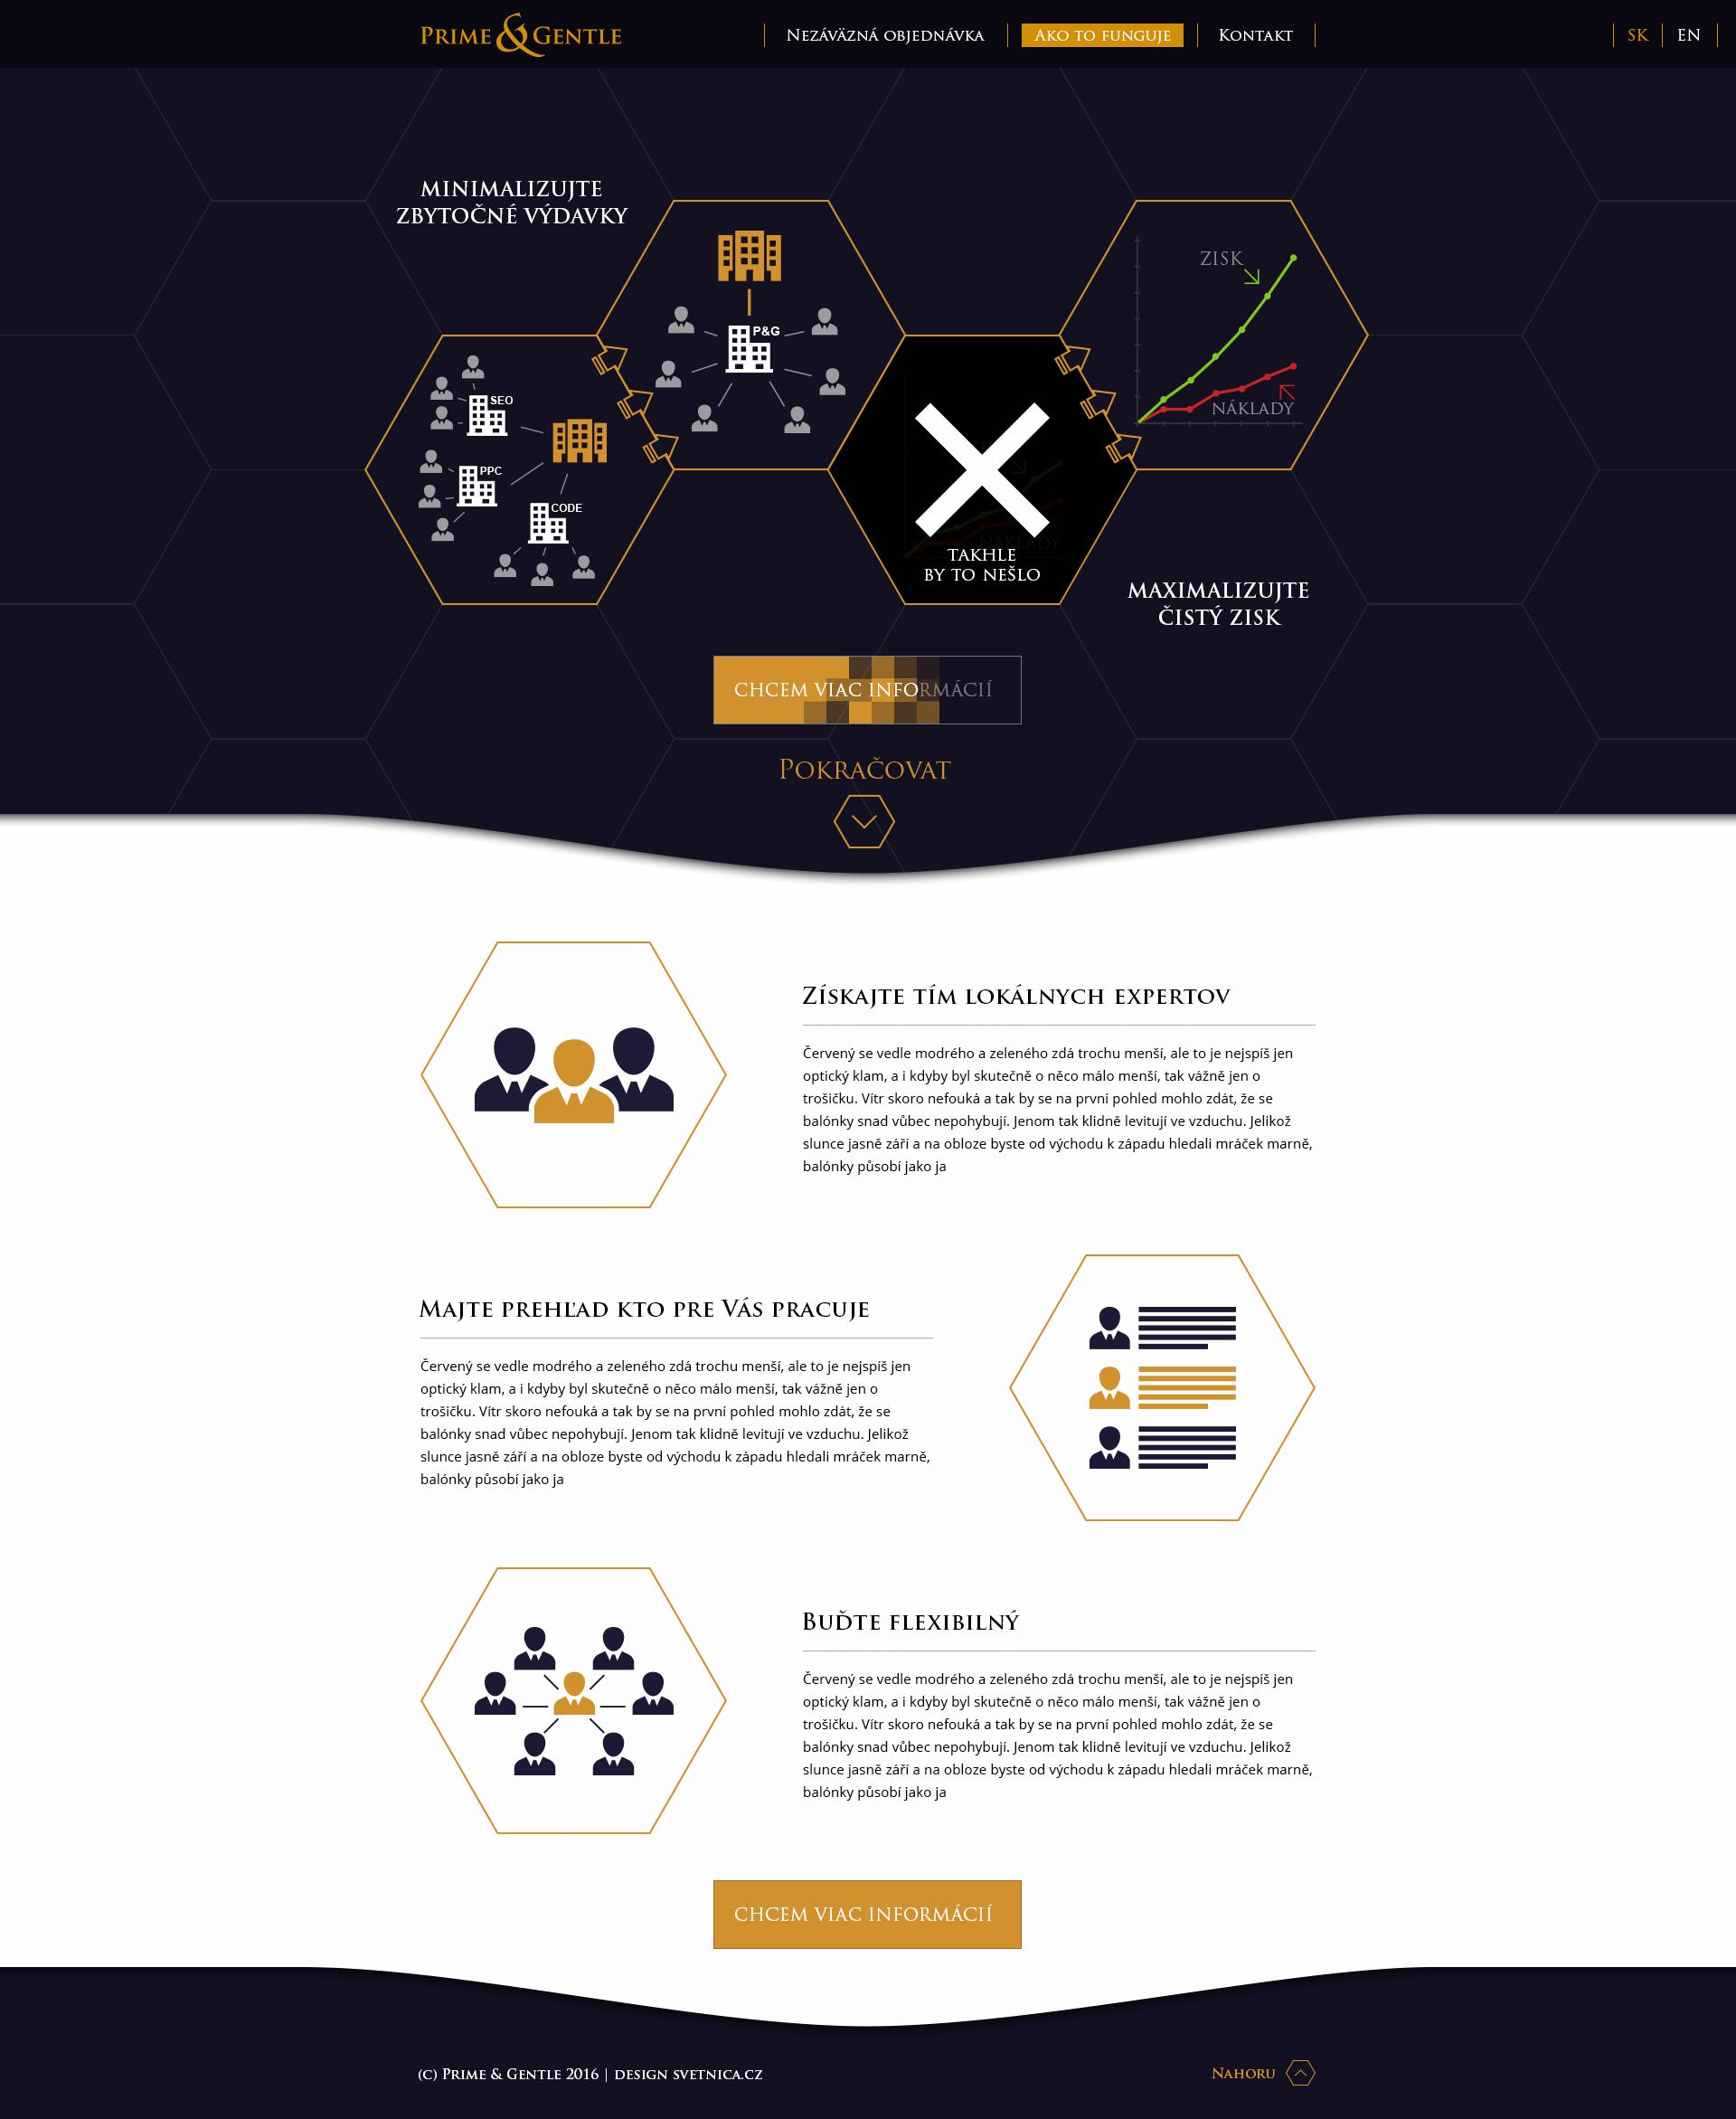 primegentle-design-uvod